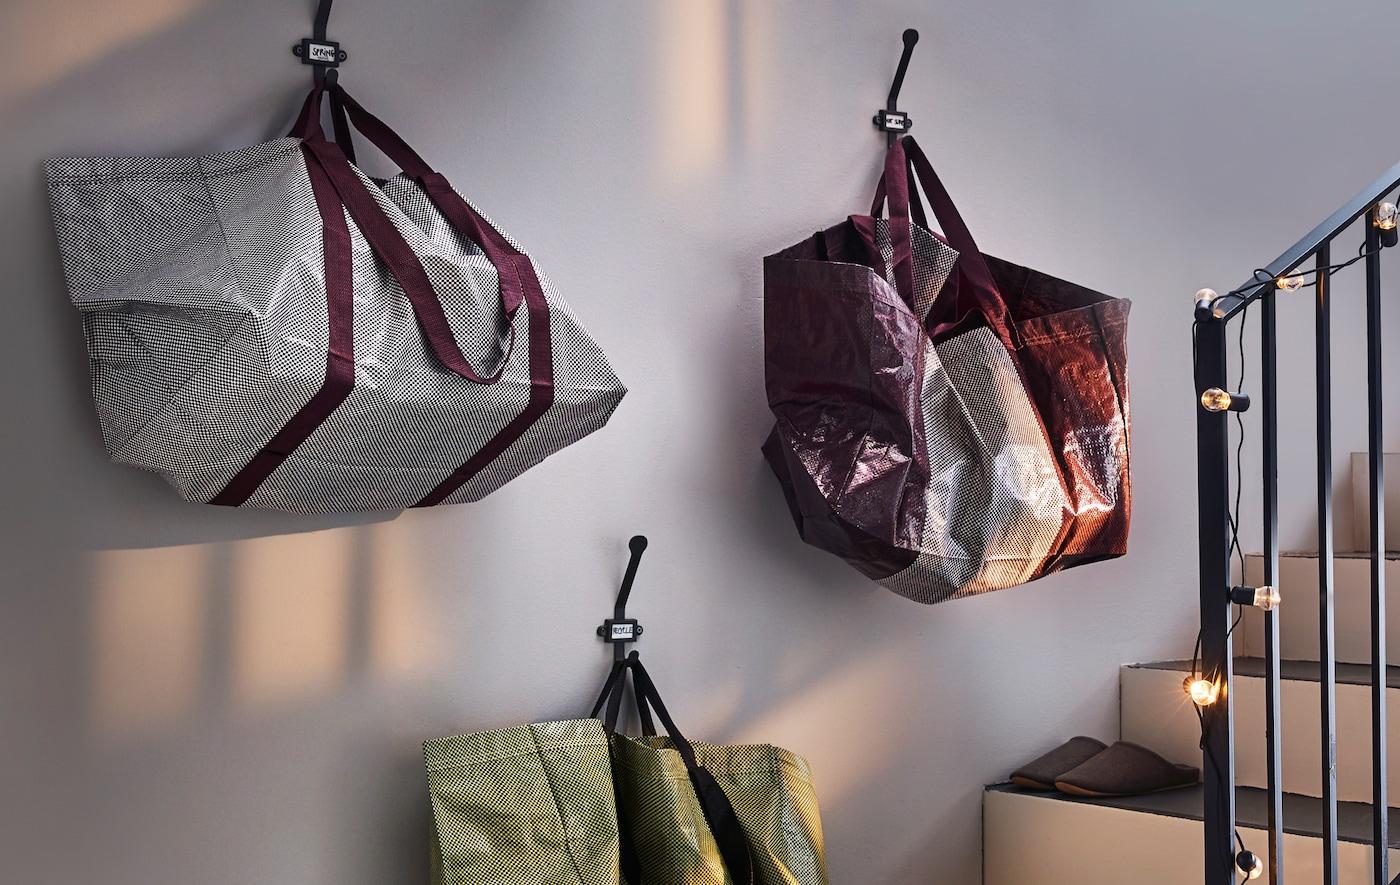 Crée une station de tri intelligente et anticipe le nettoyage pour les fêtes! IKEA propose de nombreux meubles modernes et accessoires pour organiser ton espace, comme les sacs de rangement HAY dans un mélange de vert, blanc, violet et jaune.